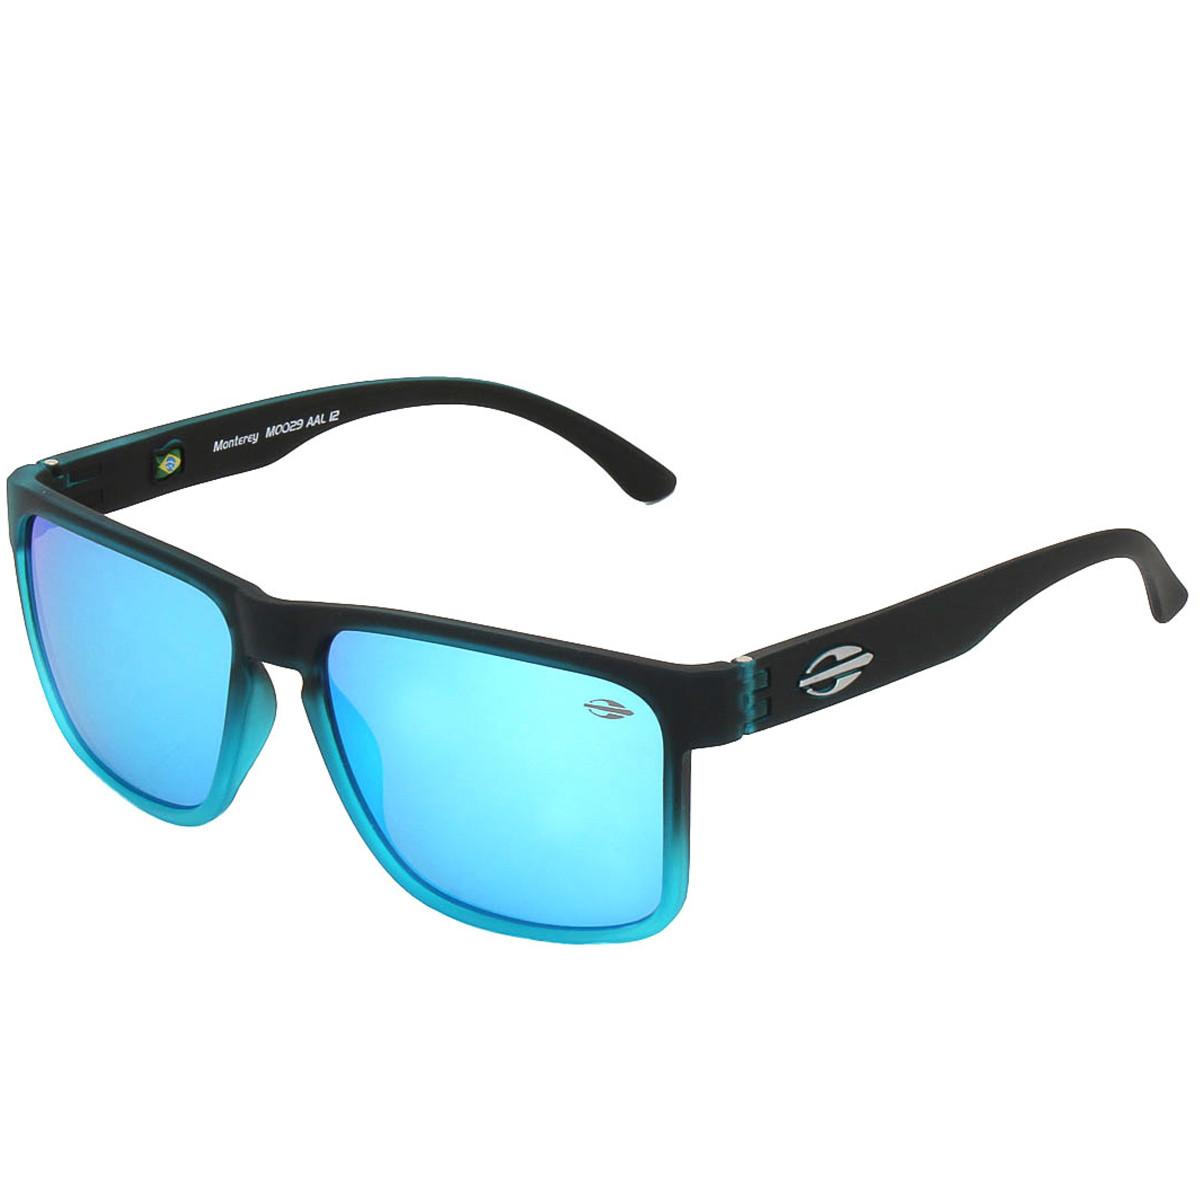 Óculos Mormaii Monterey Preto Fosco Degradê Azul Lente Azul ref ... b383f2fd9a